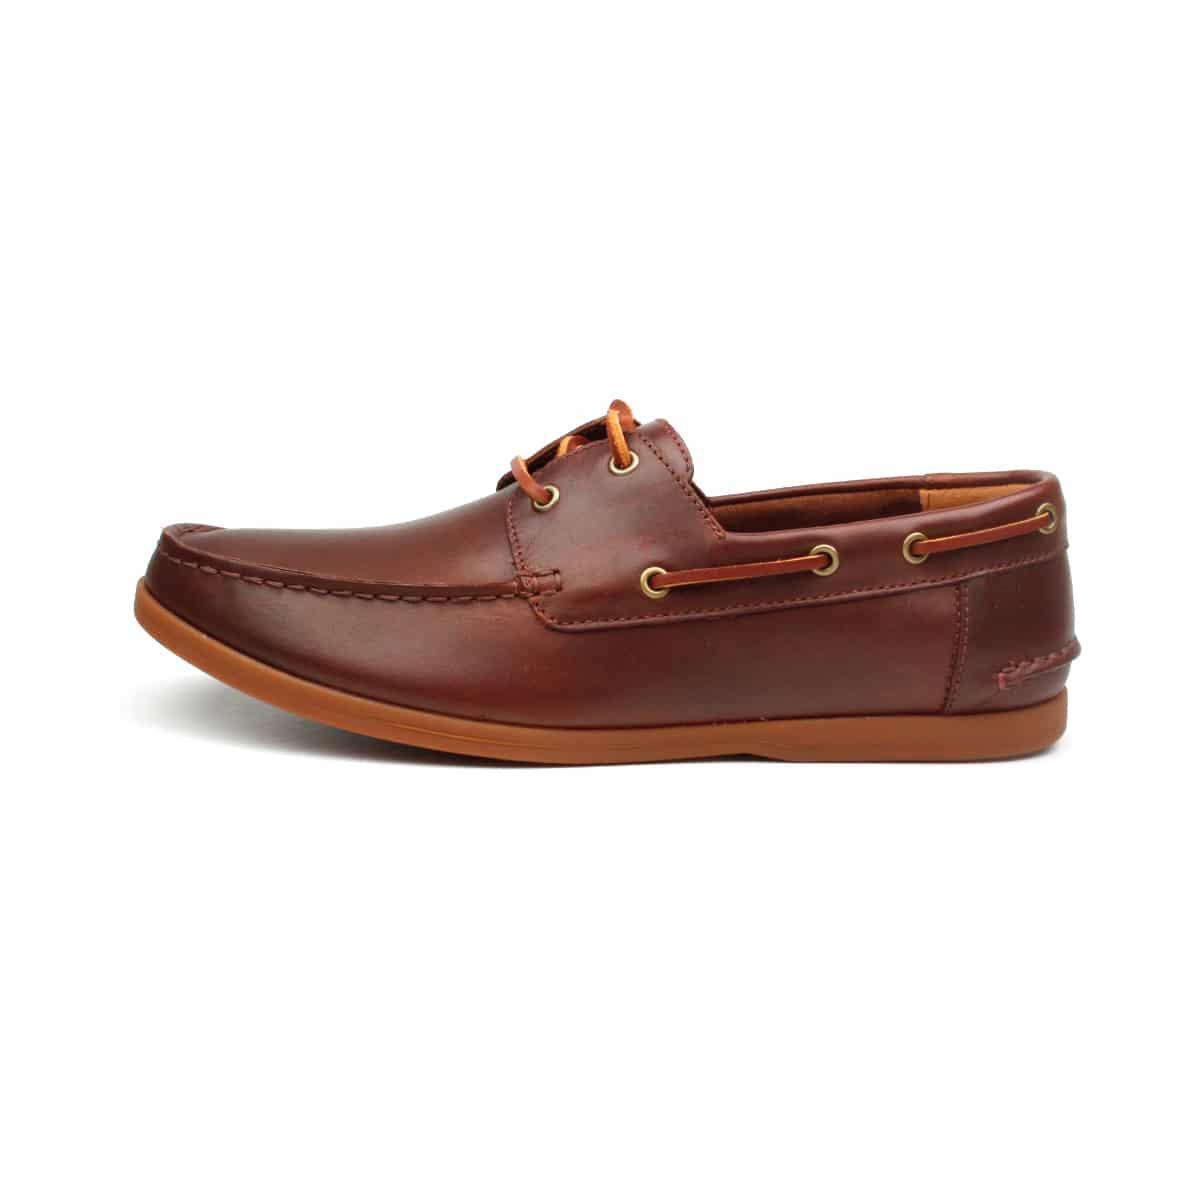 Clarks Morven Sail 121 Shoes